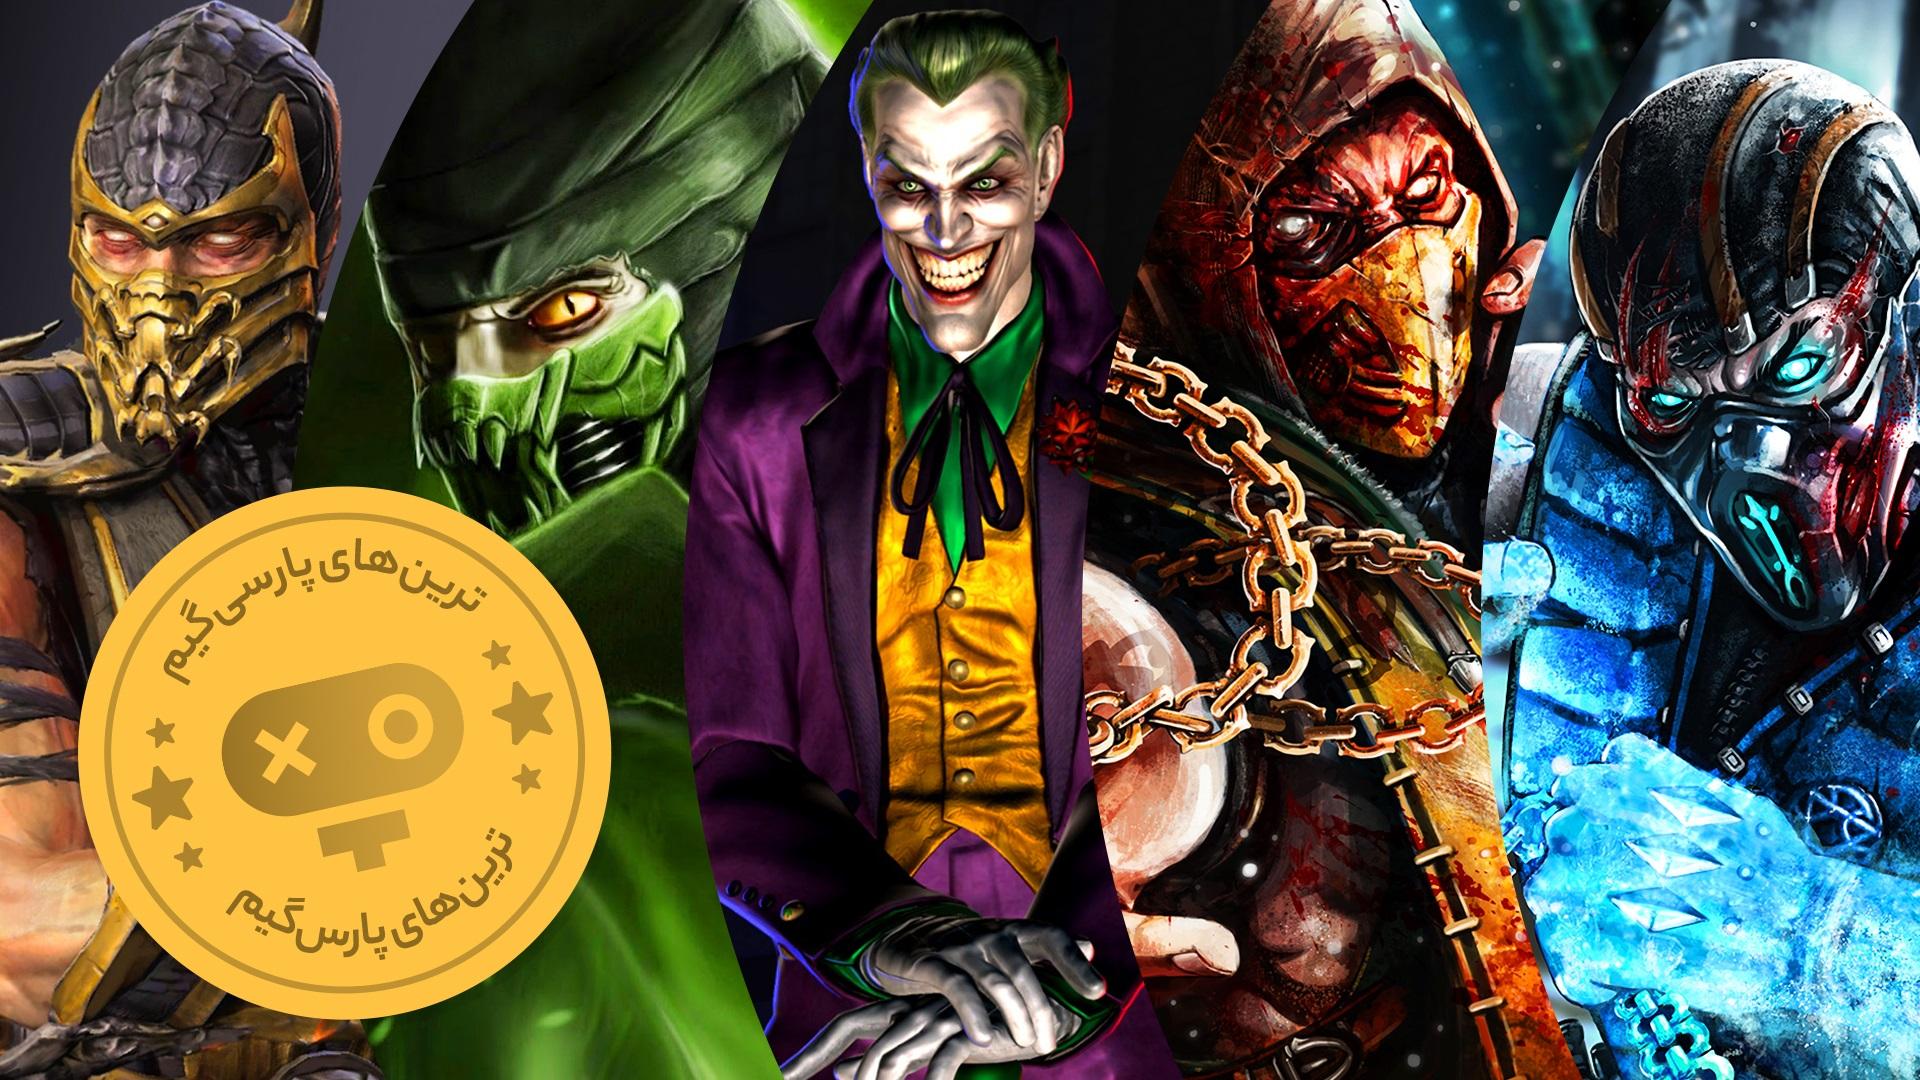 رتبهبندی بازیهای مجموعه Mortal Kombat به ترتیب کیفیت